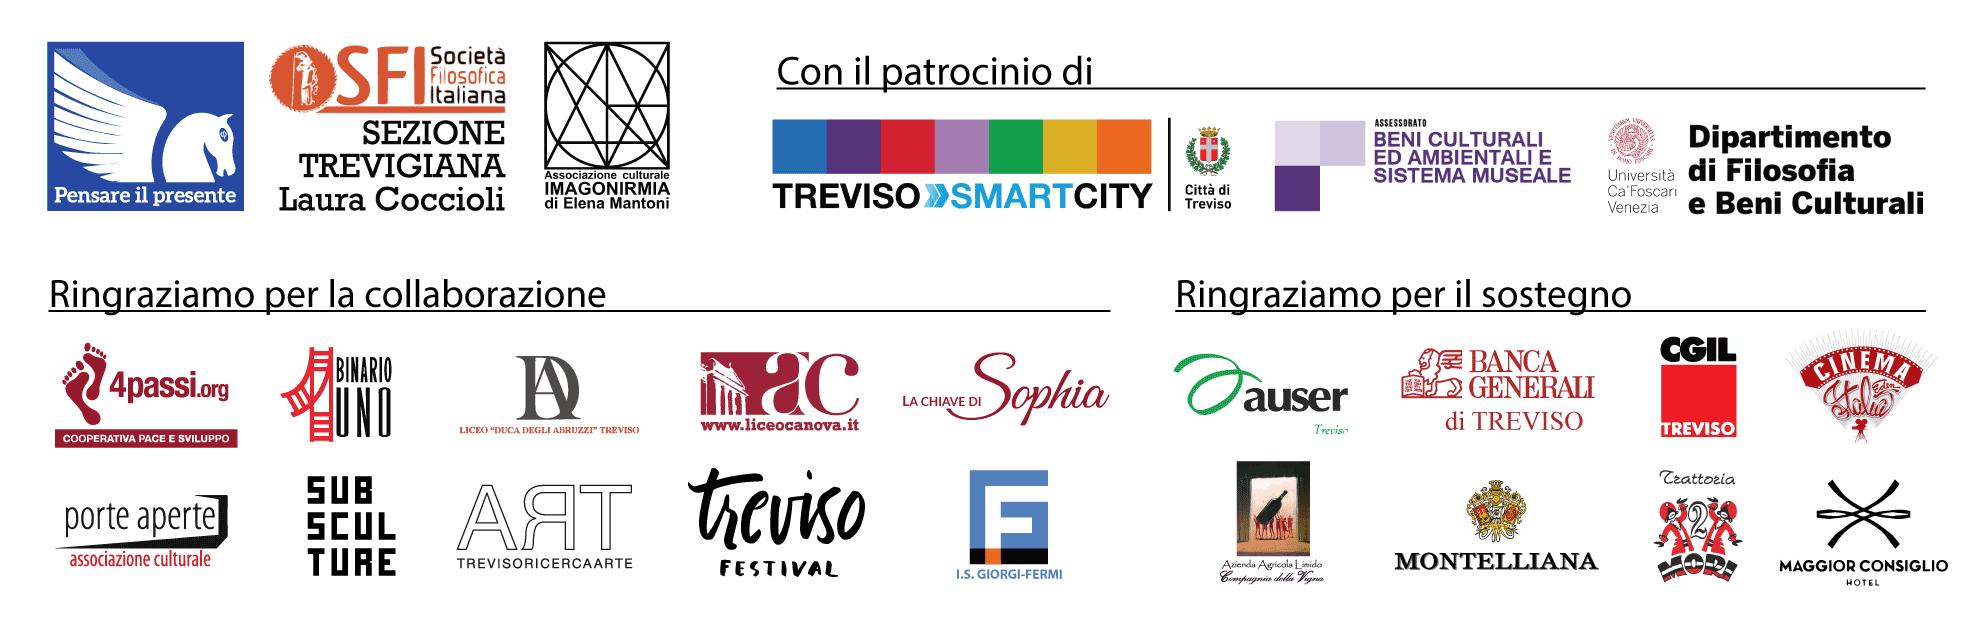 SOLO-SPONSOR Festival 2017